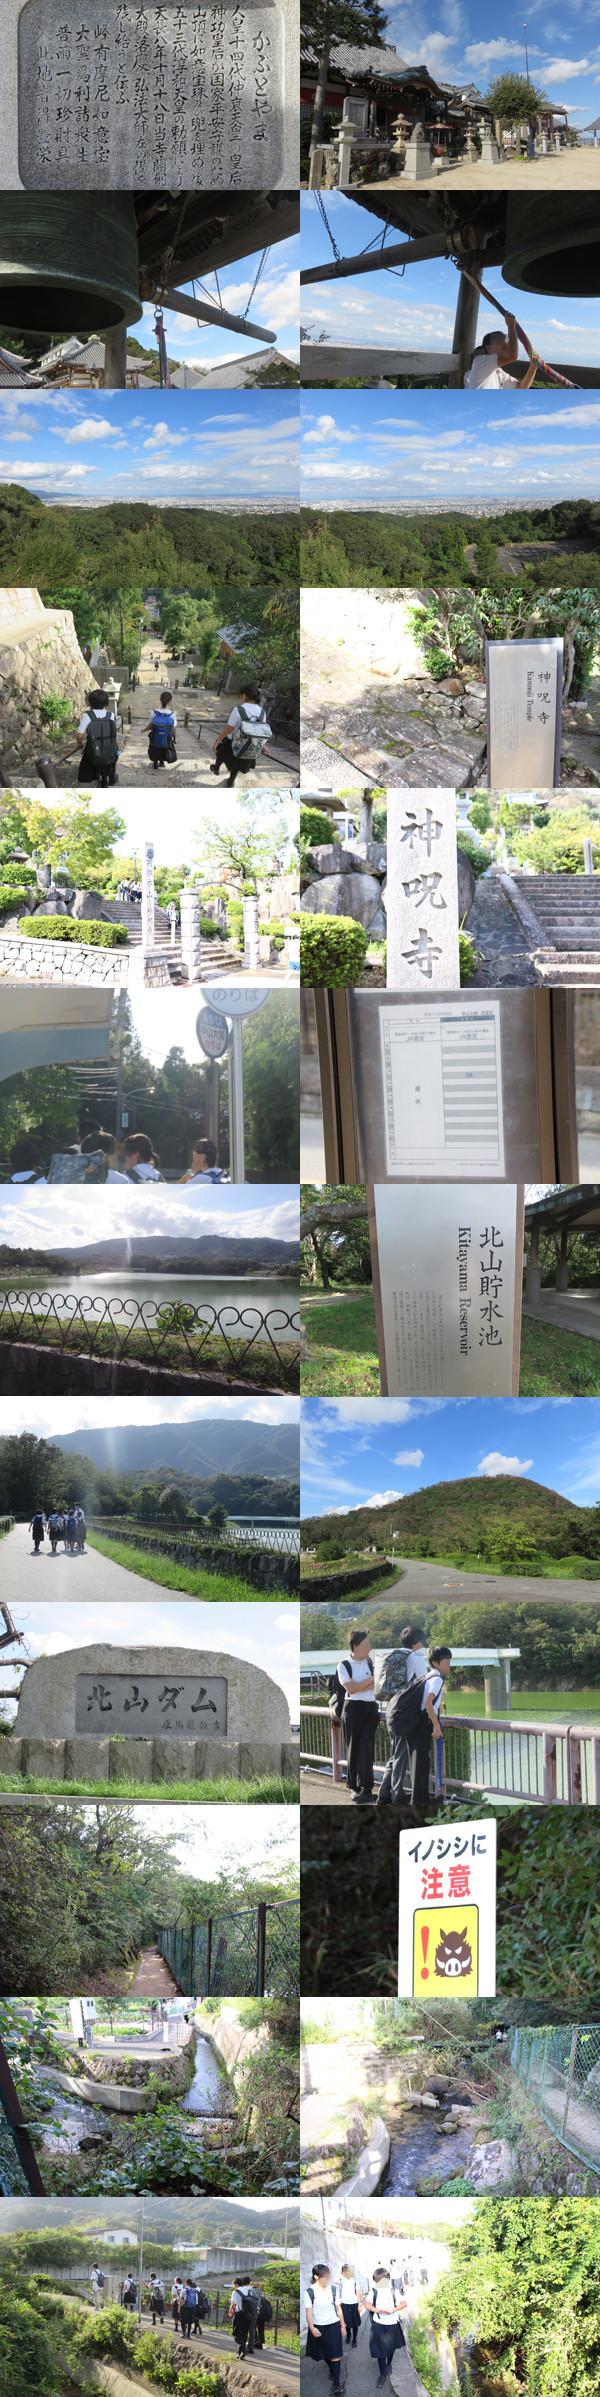 f:id:toshobu:20180924174256j:image